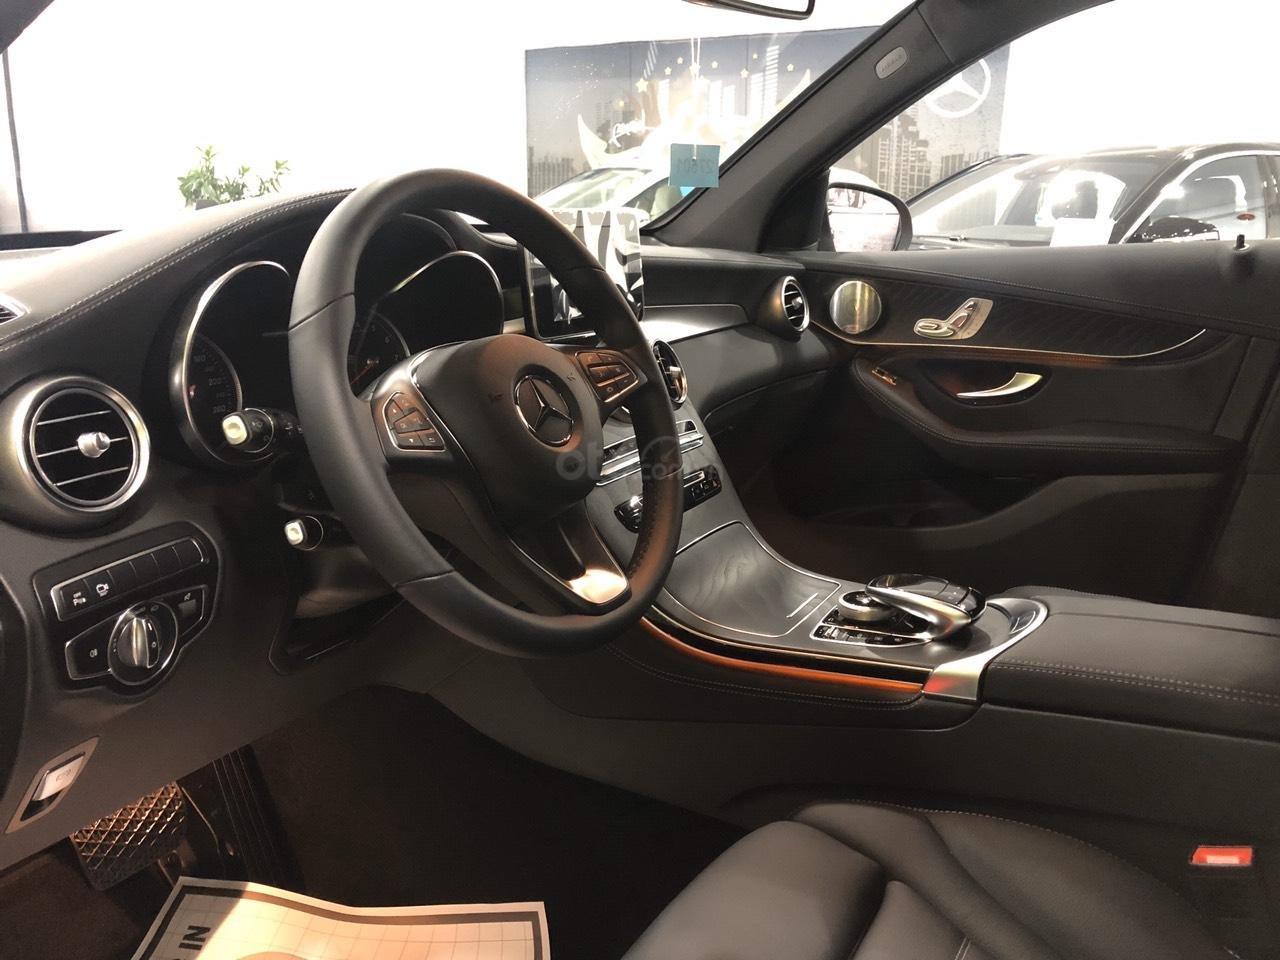 Cần bán nhanh chiếc Mercedes GLC - Class 300 AMG, năm 2019 - Có sẵn xe - Giao nhanh toàn quốc (16)